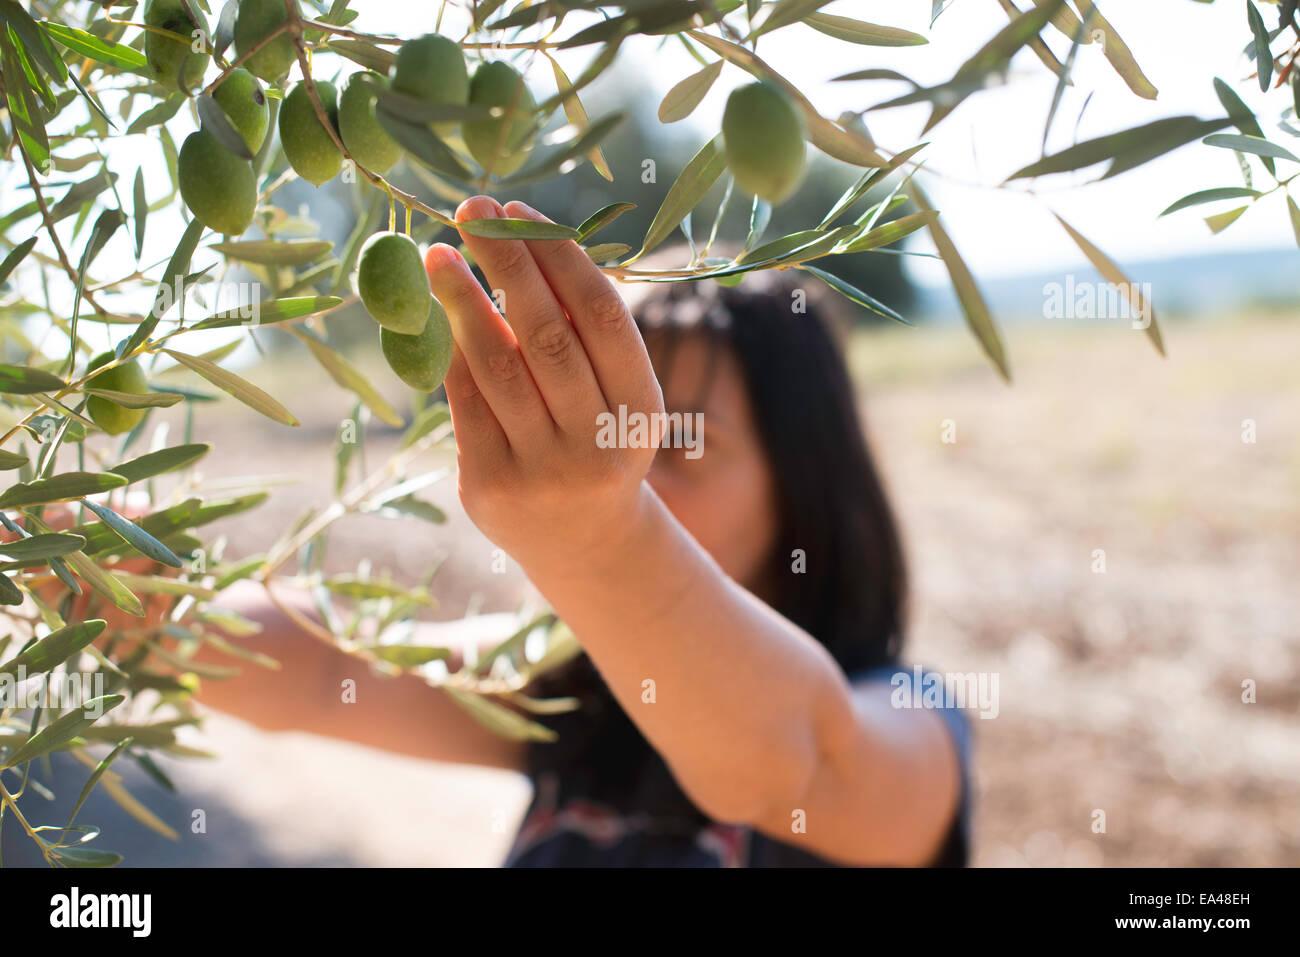 Cogiendo aceitunas.Mujer sosteniendo rama de olivo Imagen De Stock